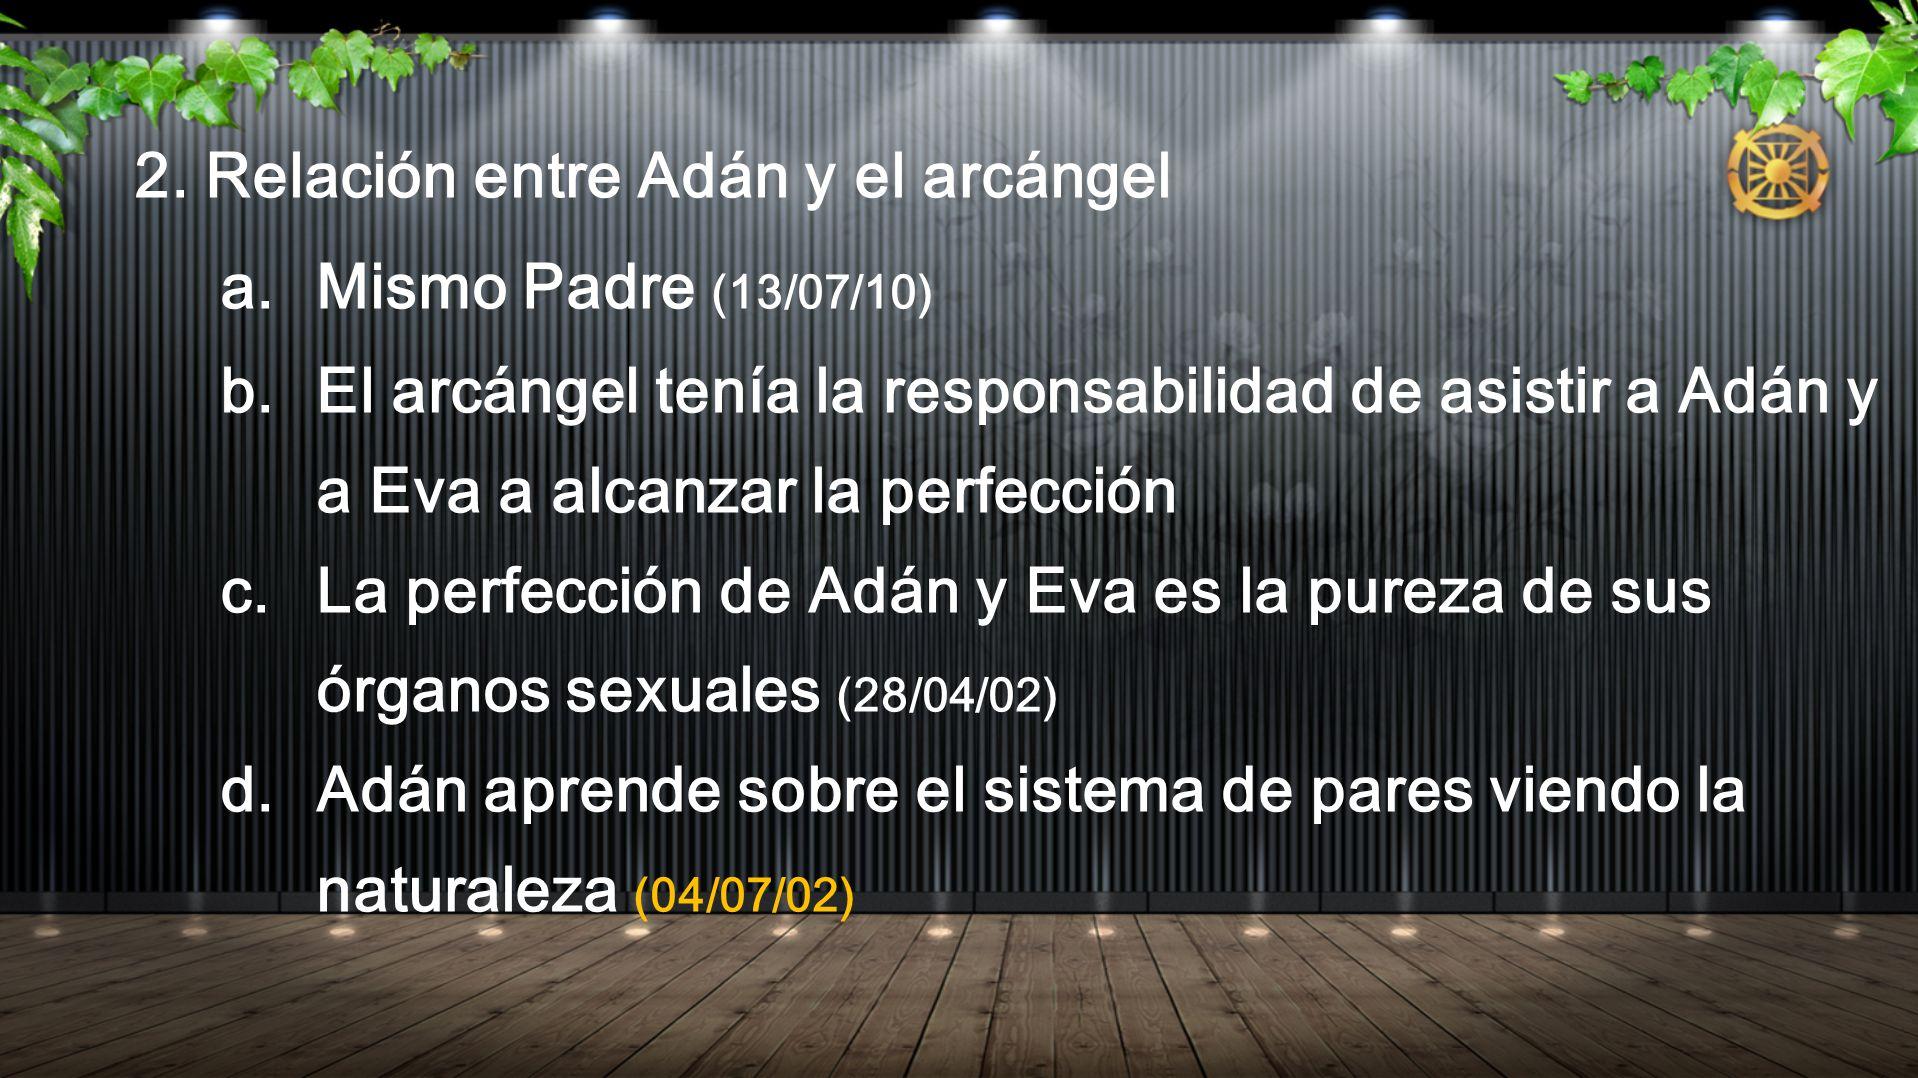 2. Relación entre Adán y el arcángel